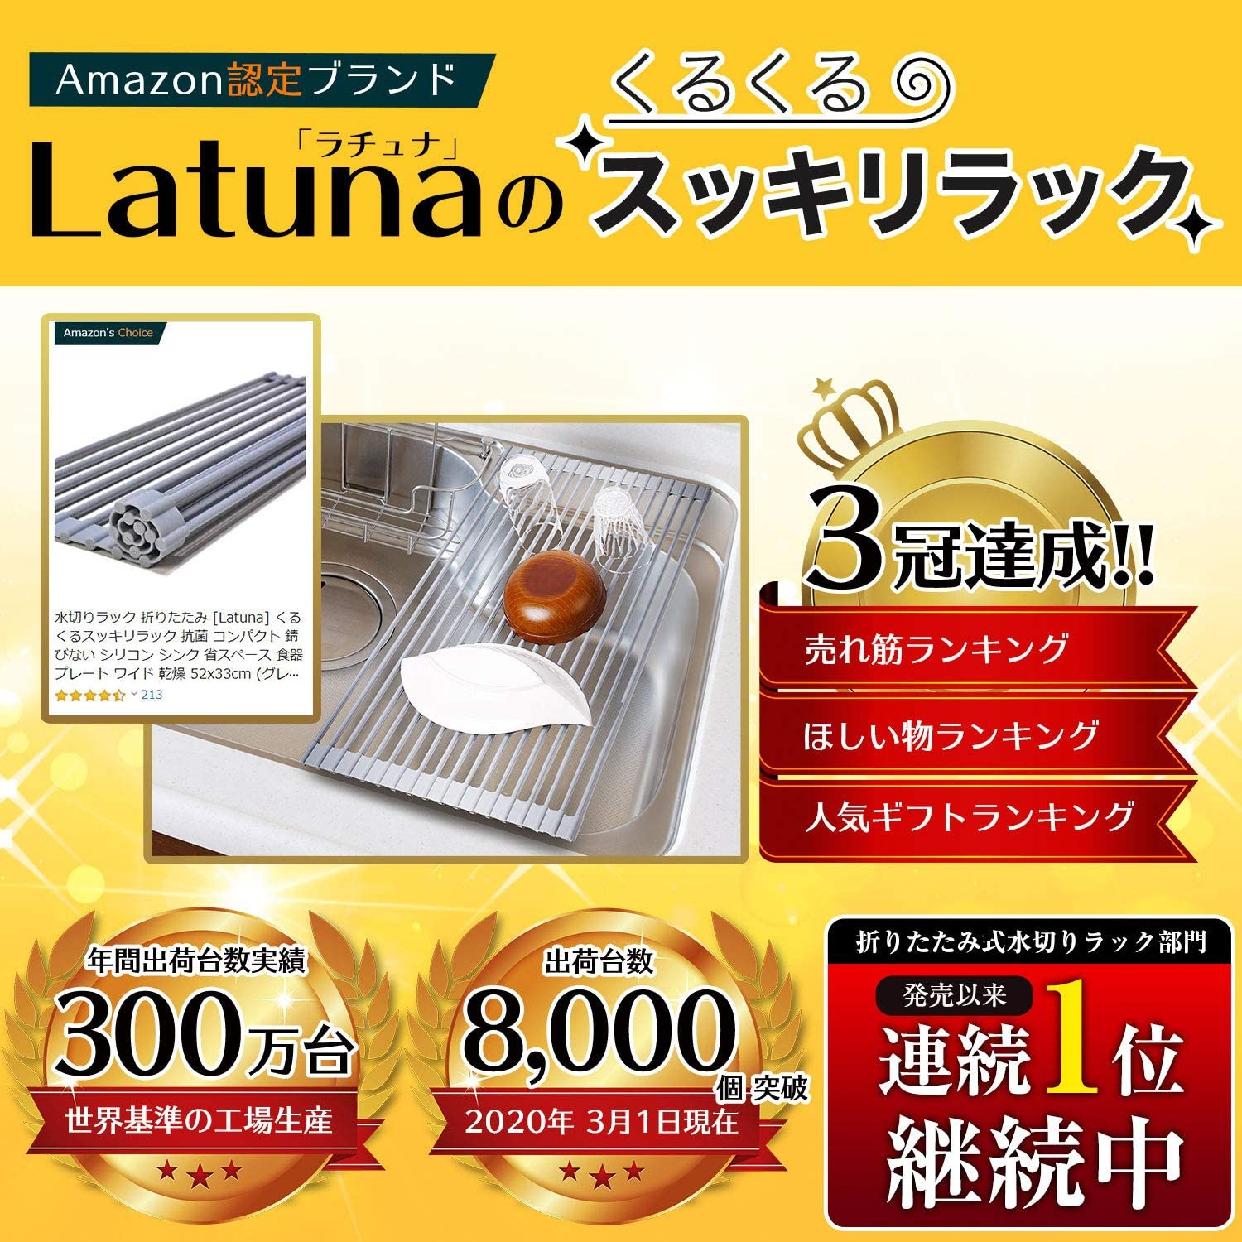 Latuna(ラトゥナ) くるくるスッキリラックの商品画像2